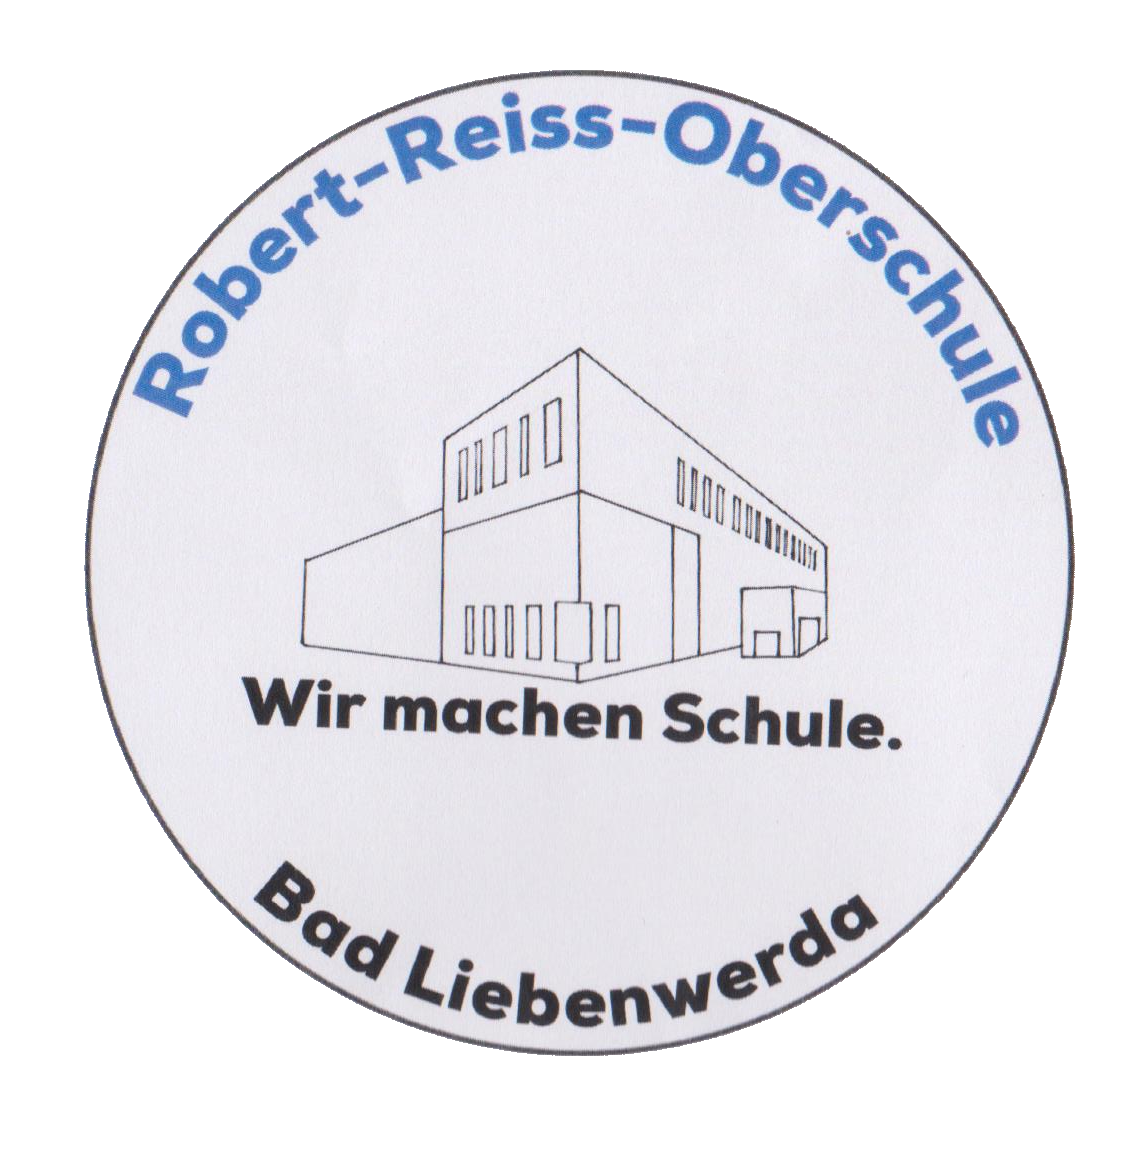 Robert-Reiss-Oberschule